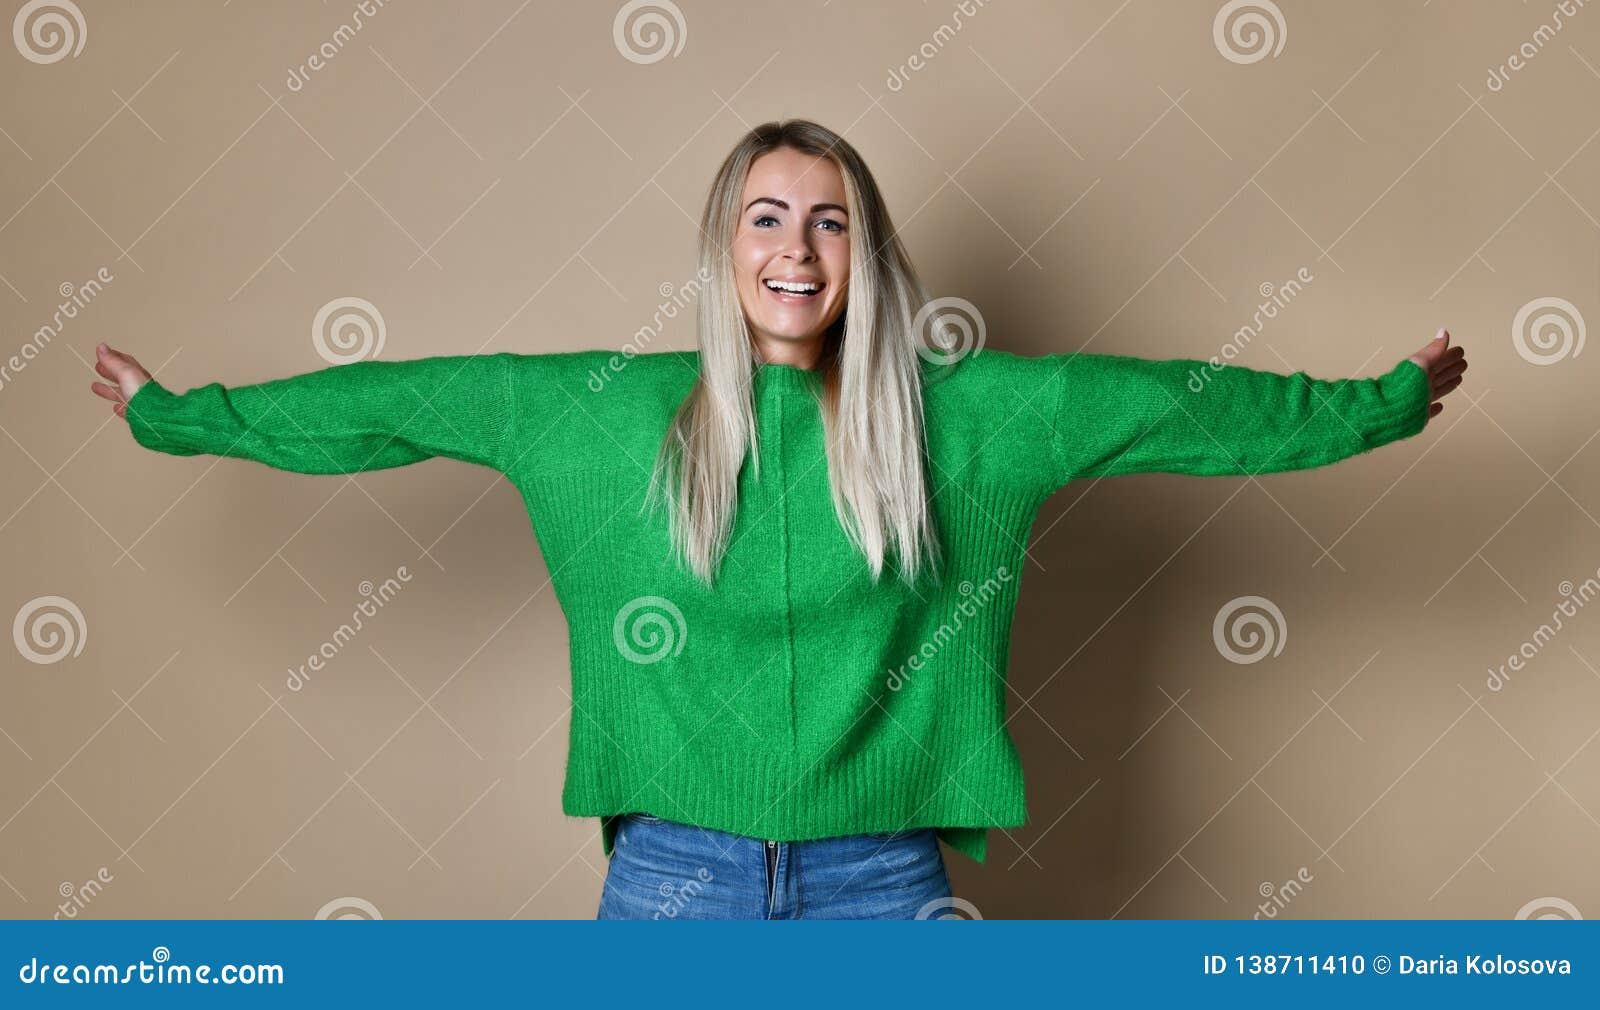 Braços da jovem mulher estendidos pela parede do estúdio que aprecia a liberdade e a vida